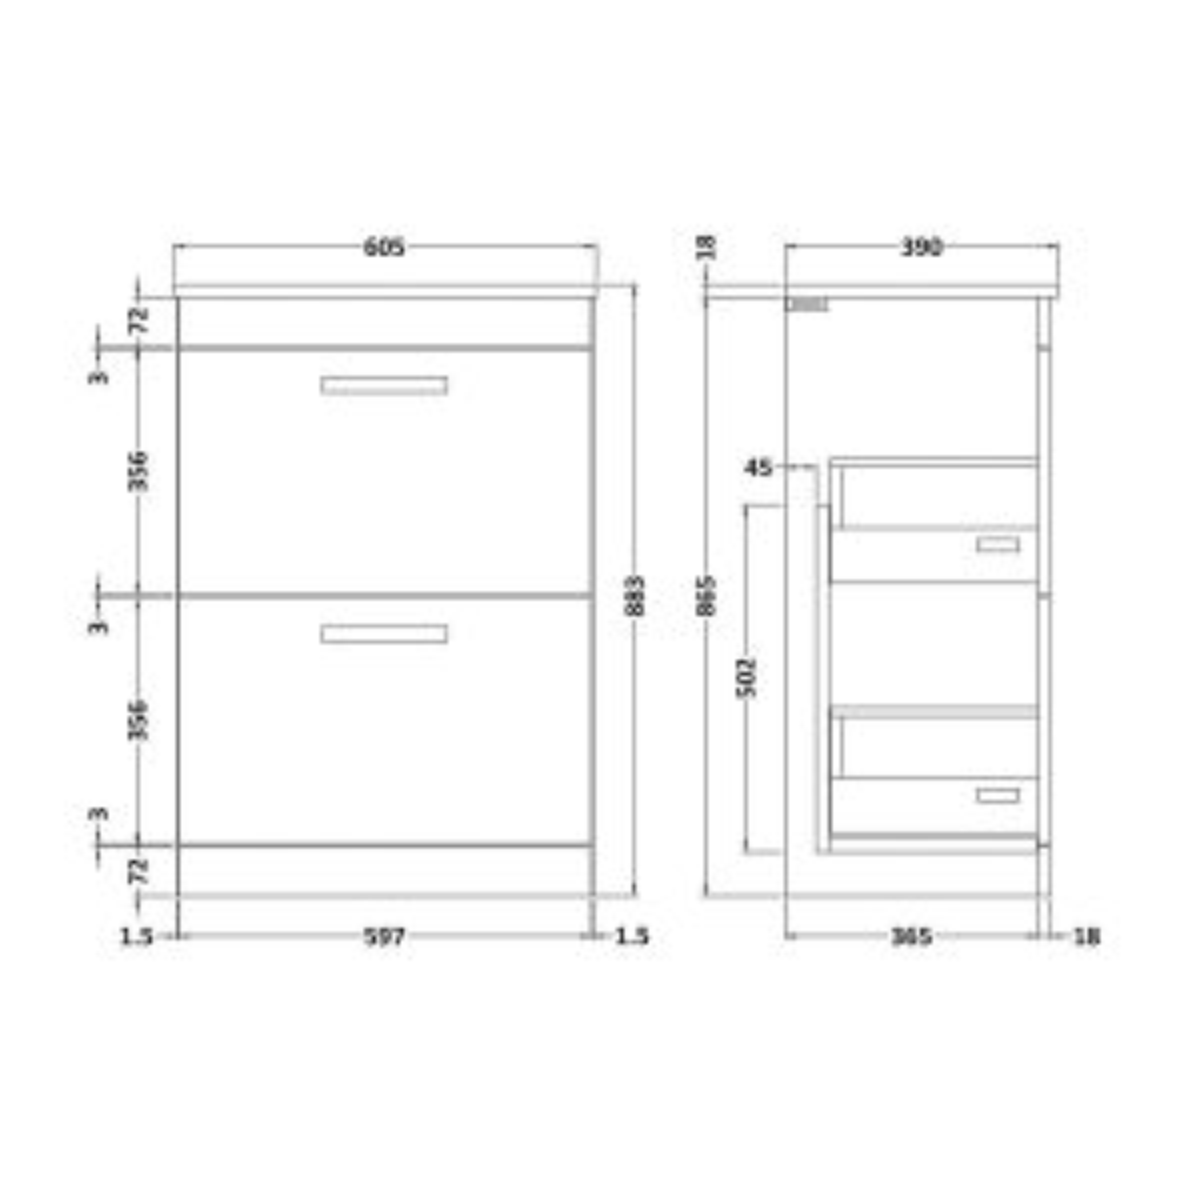 Nuie Athena Hacienda Black 2 Drawer Floor Standing Vanity Unit with 18mm Worktop 600mm Line Drawing